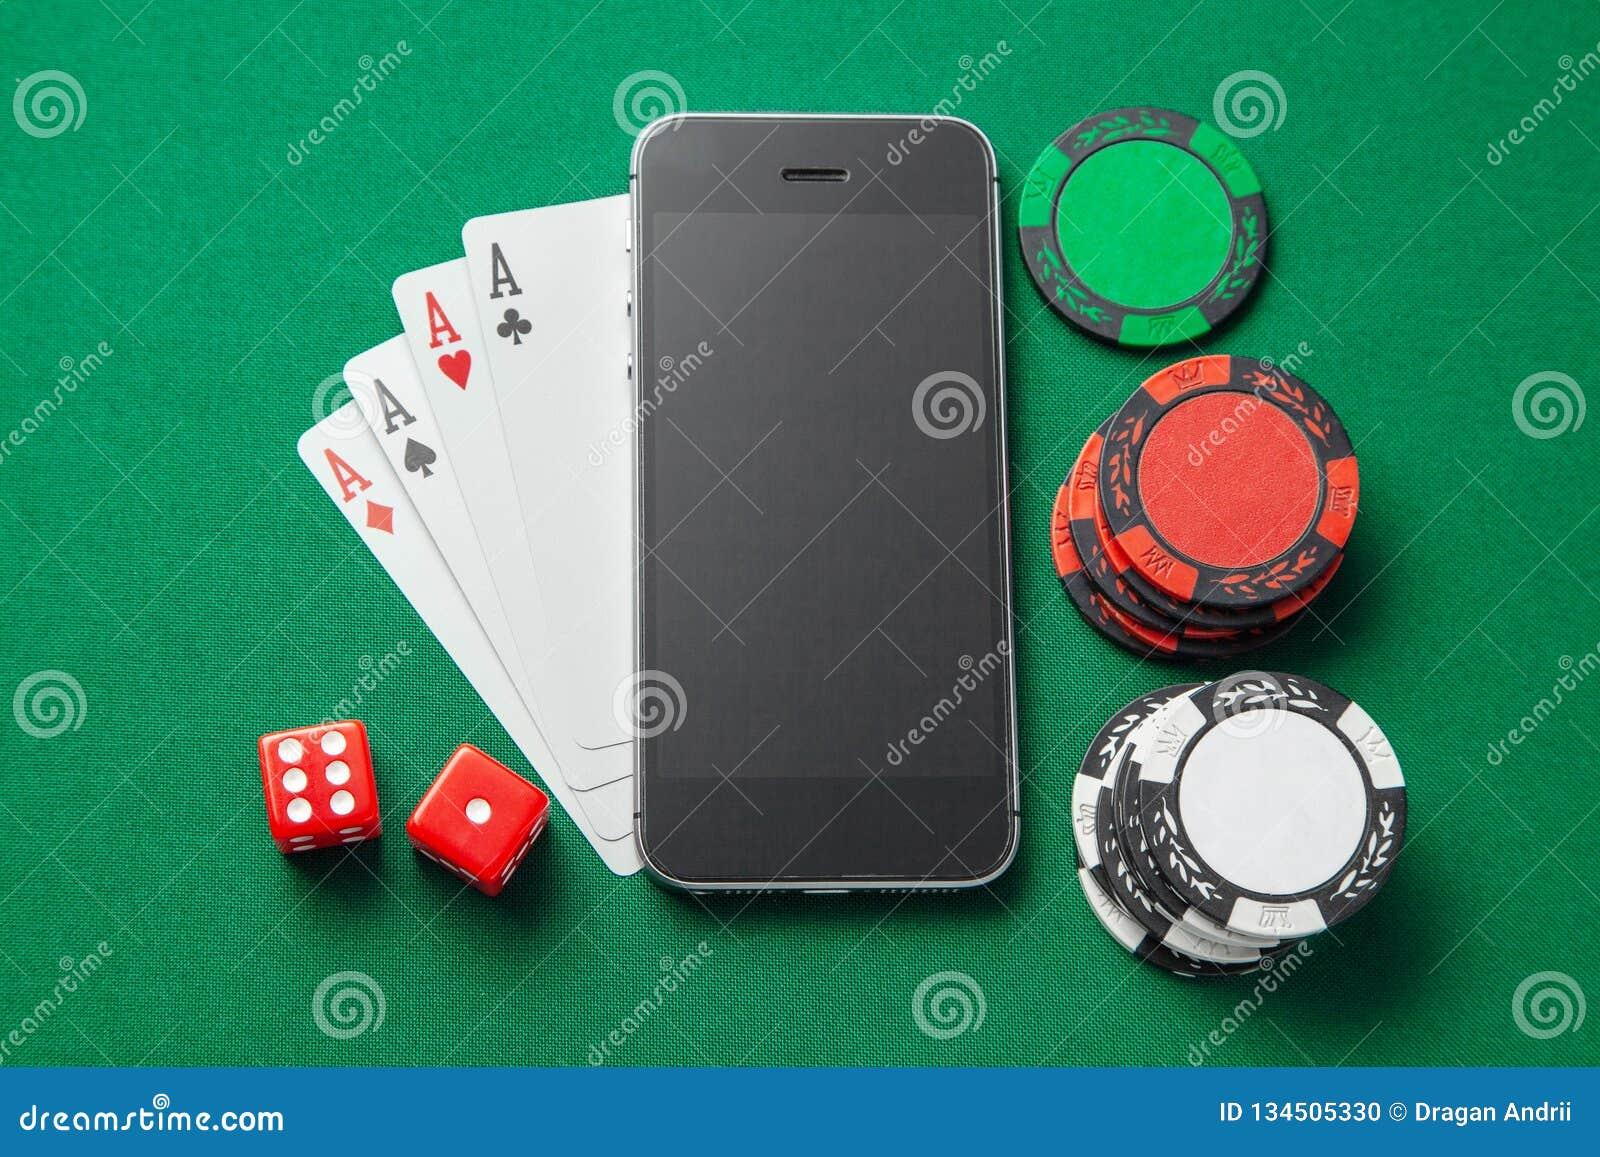 Онлайн казино для мобильных телефонов игровые автоматы получить бонус